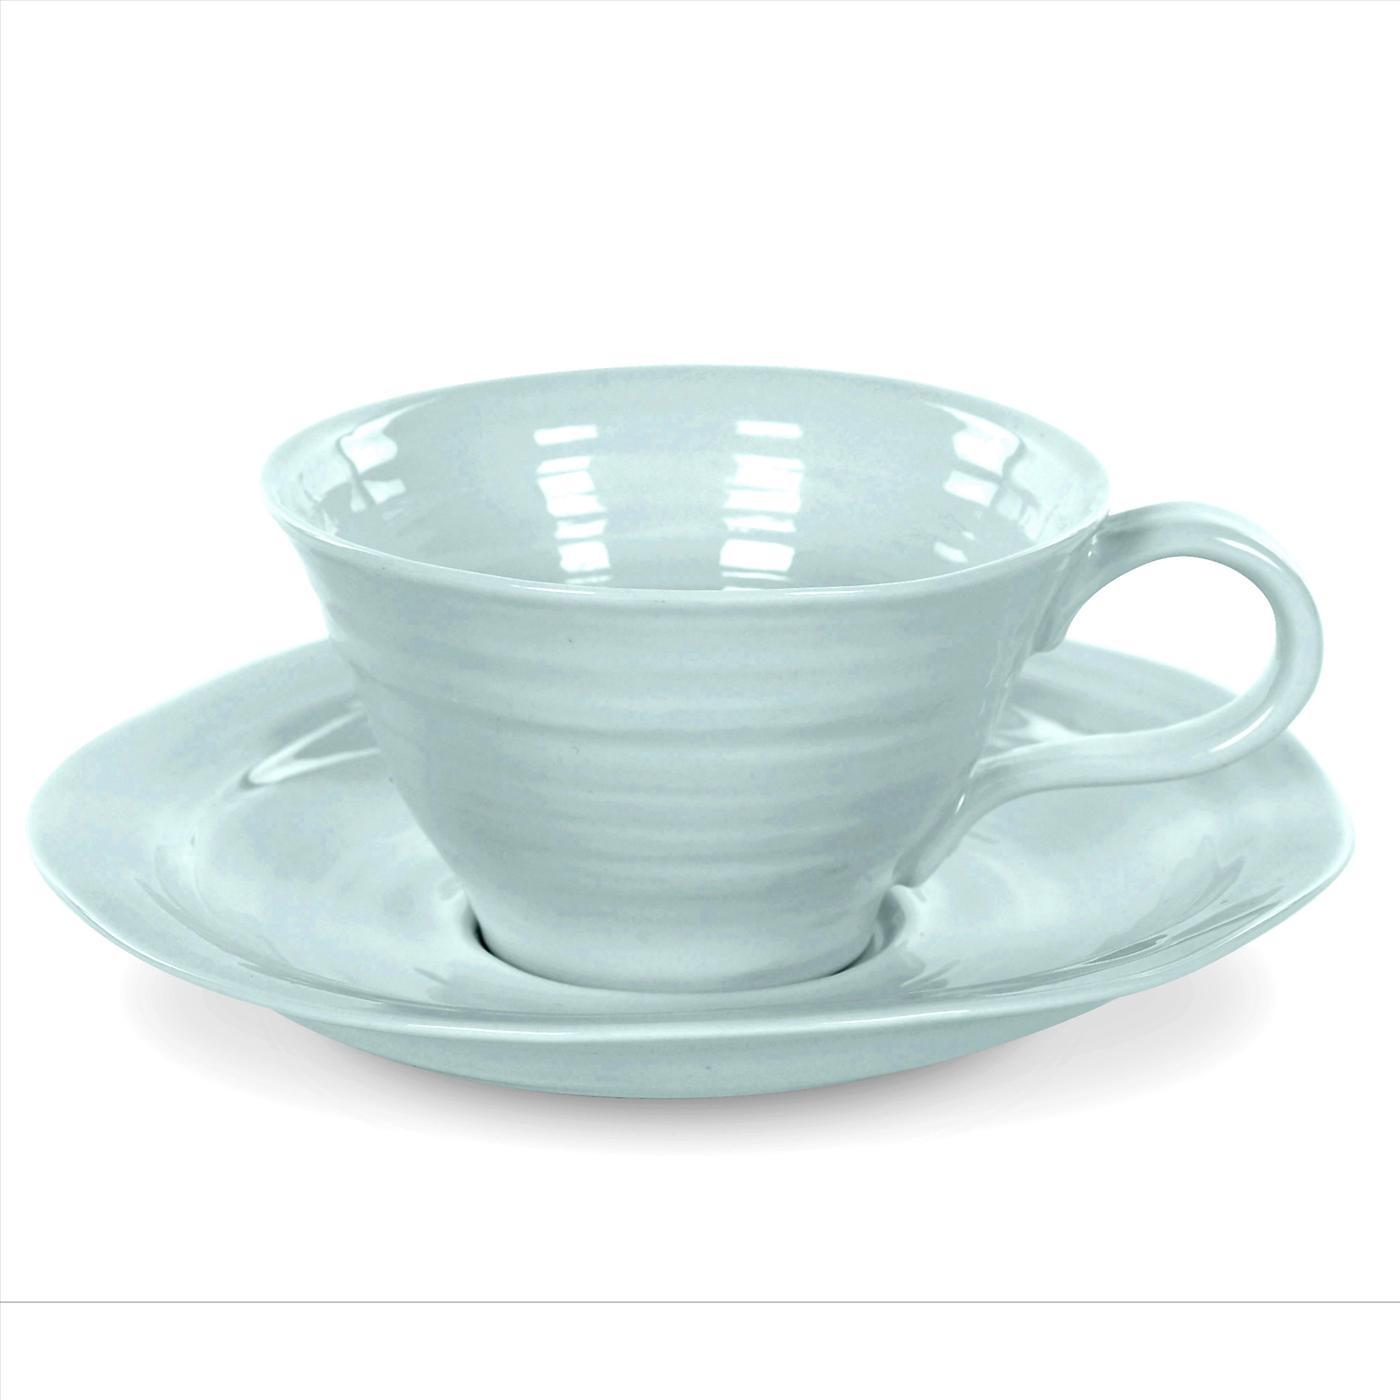 포트메리온 '소피 콘란 티컵 앤 소서 4개 세트' Portmeirion Sophie Conran Celadon Set of 4 Teacups and Saucers